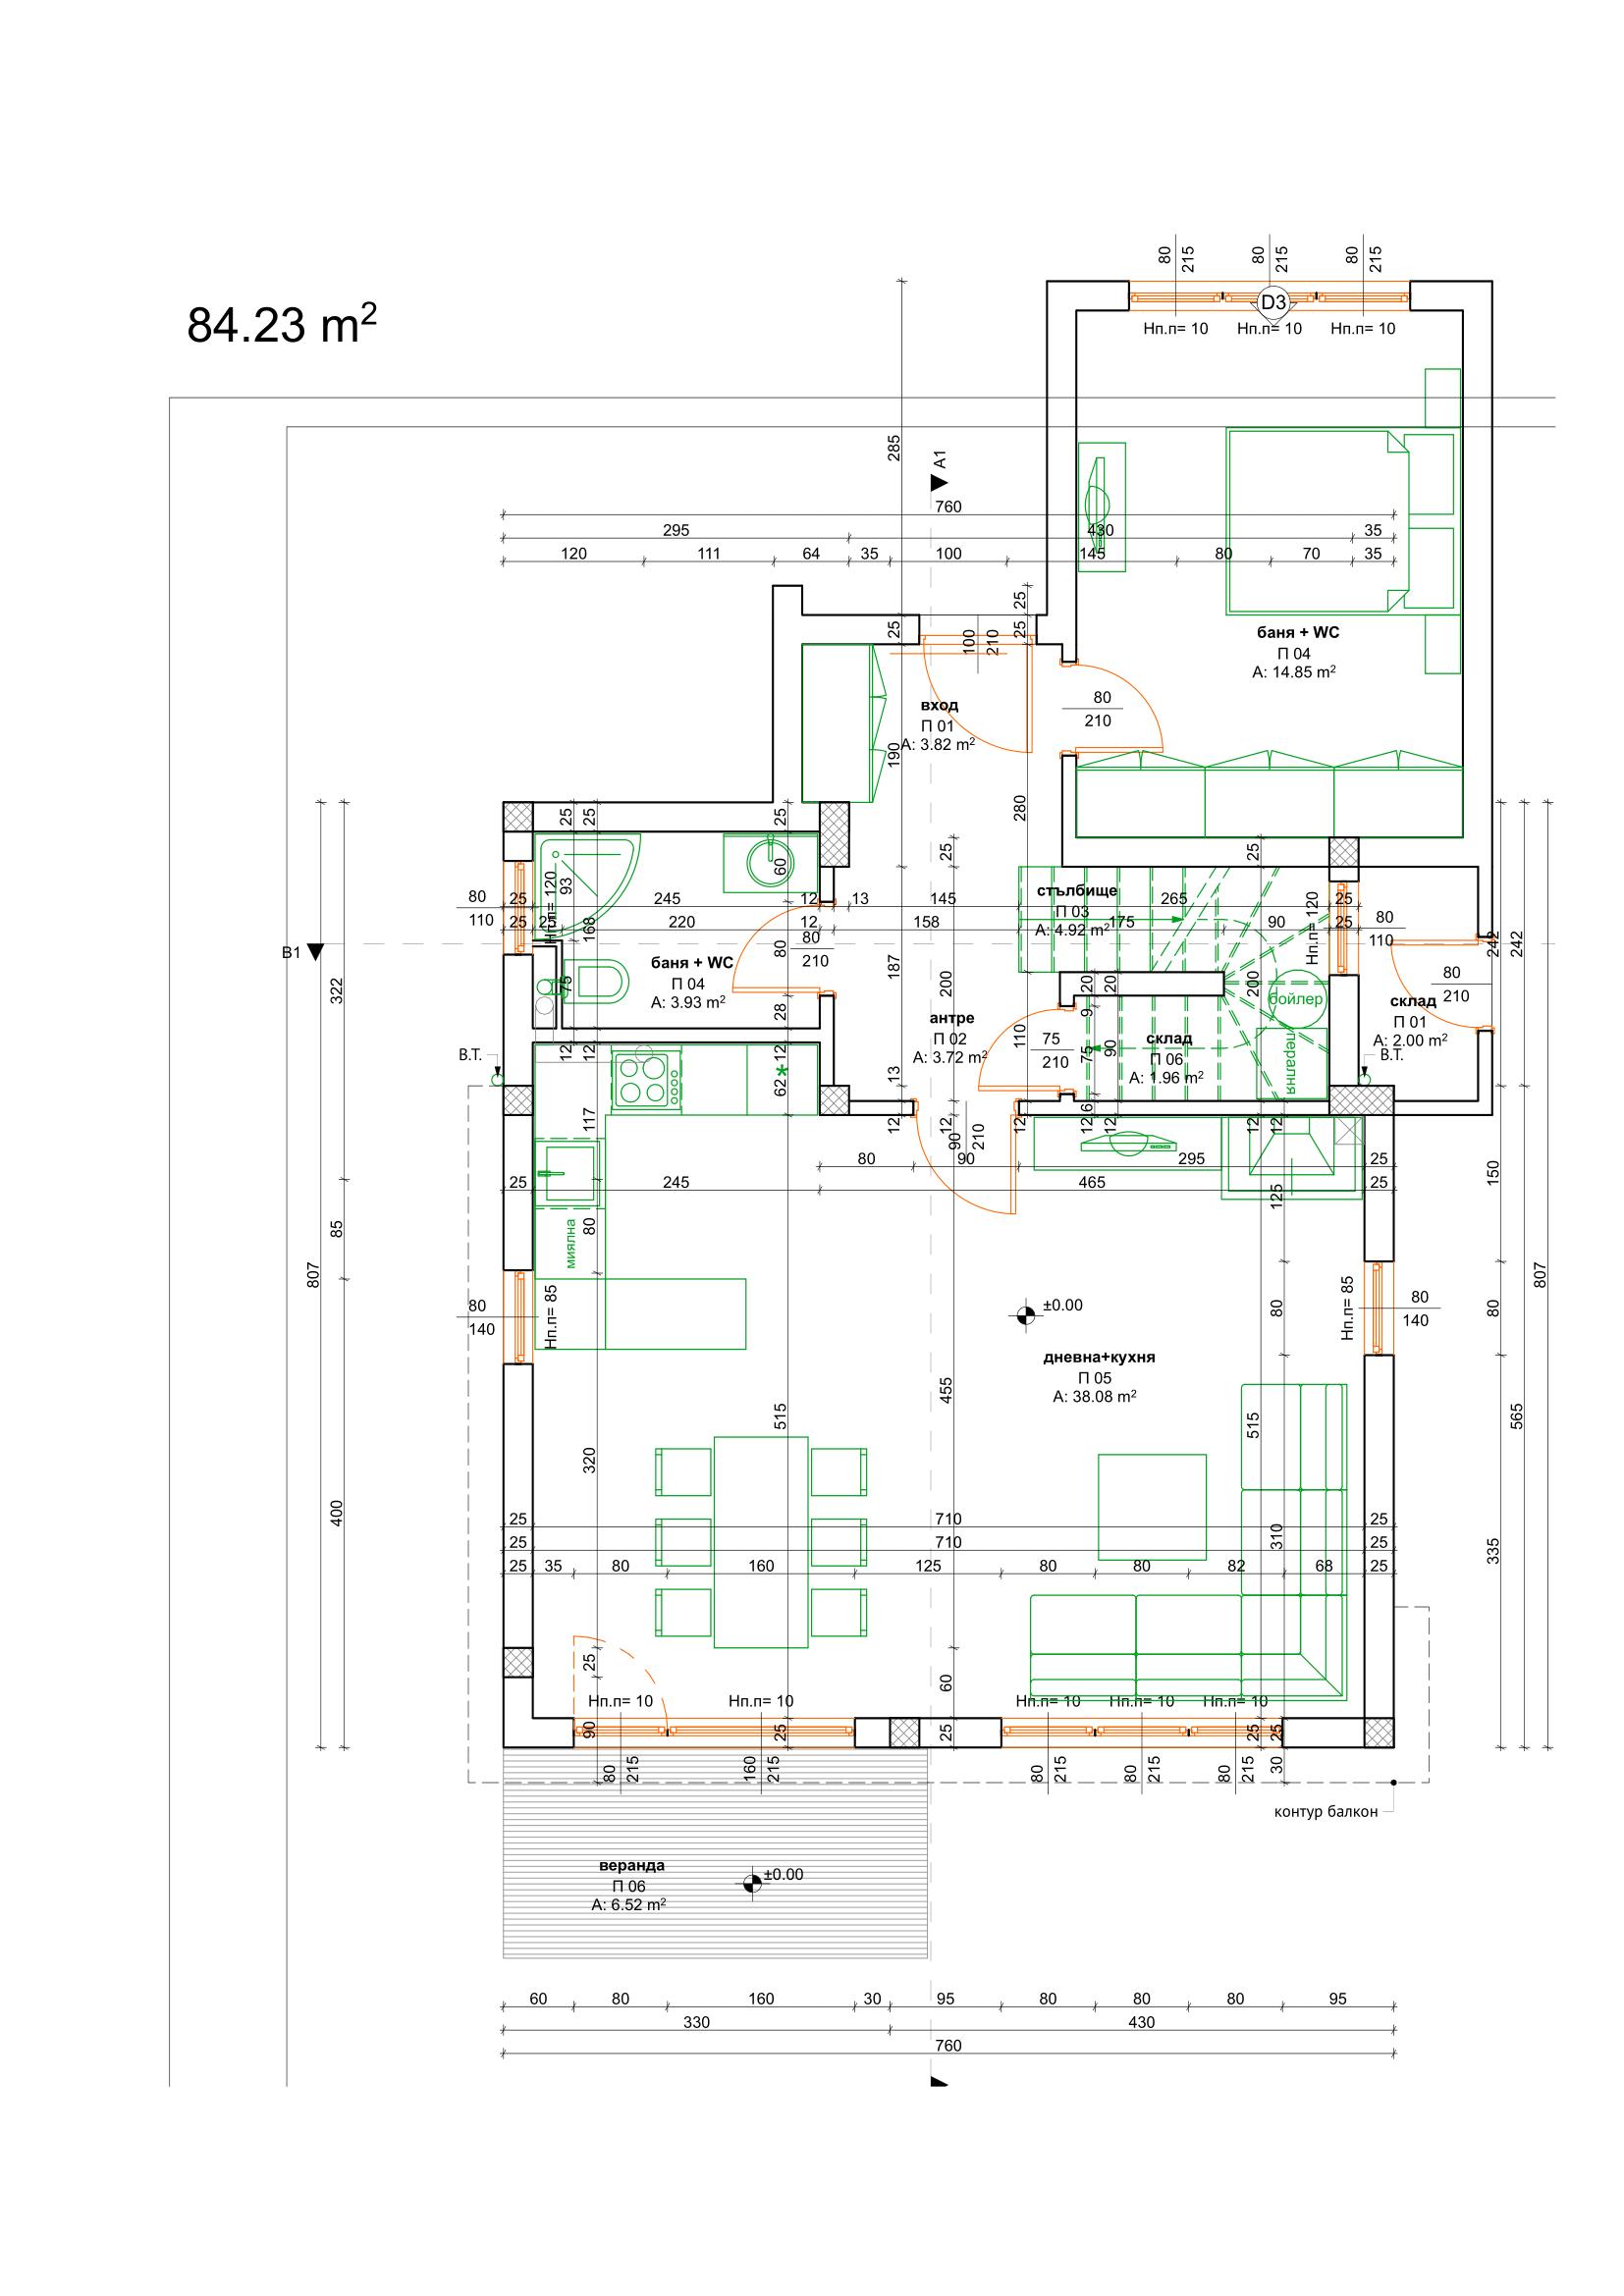 Baukomplex 2023 Typ D1 und D3 Erdgeschoss